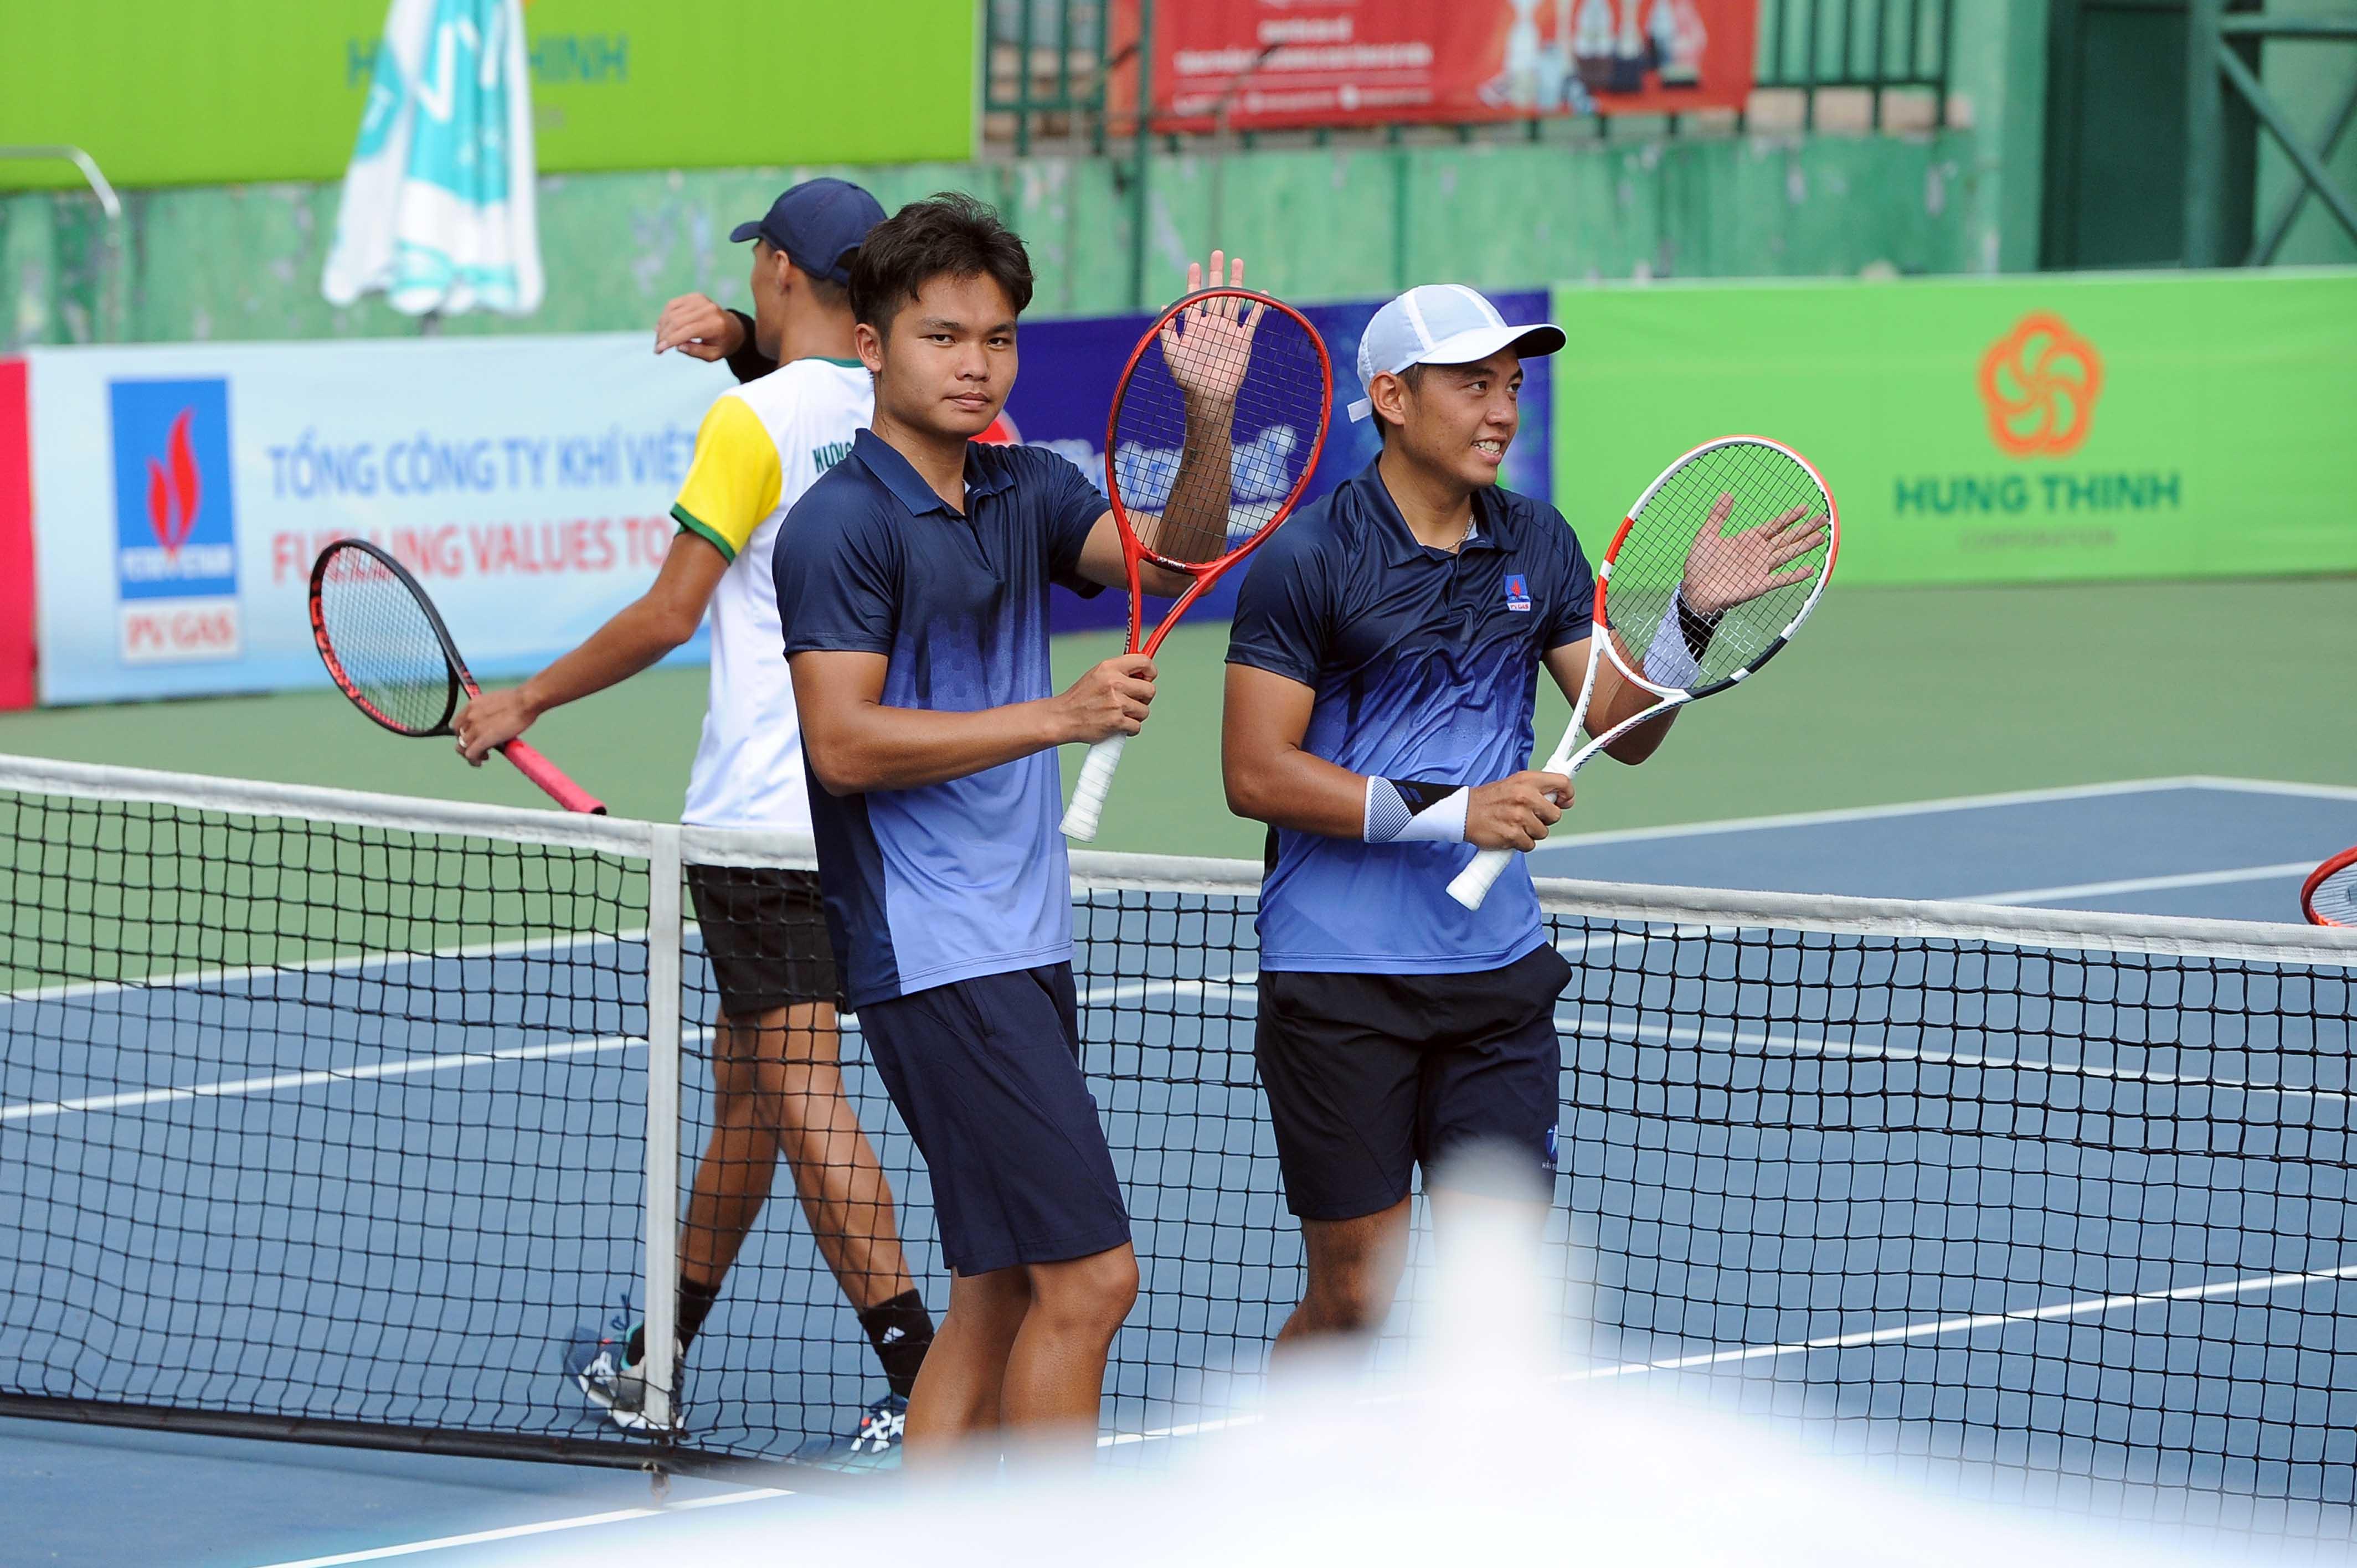 Hình ảnh: Giải quần vợt vô địch quốc gia 2020: Xác định các nhà vô địch nội dung đánh đôi số 2